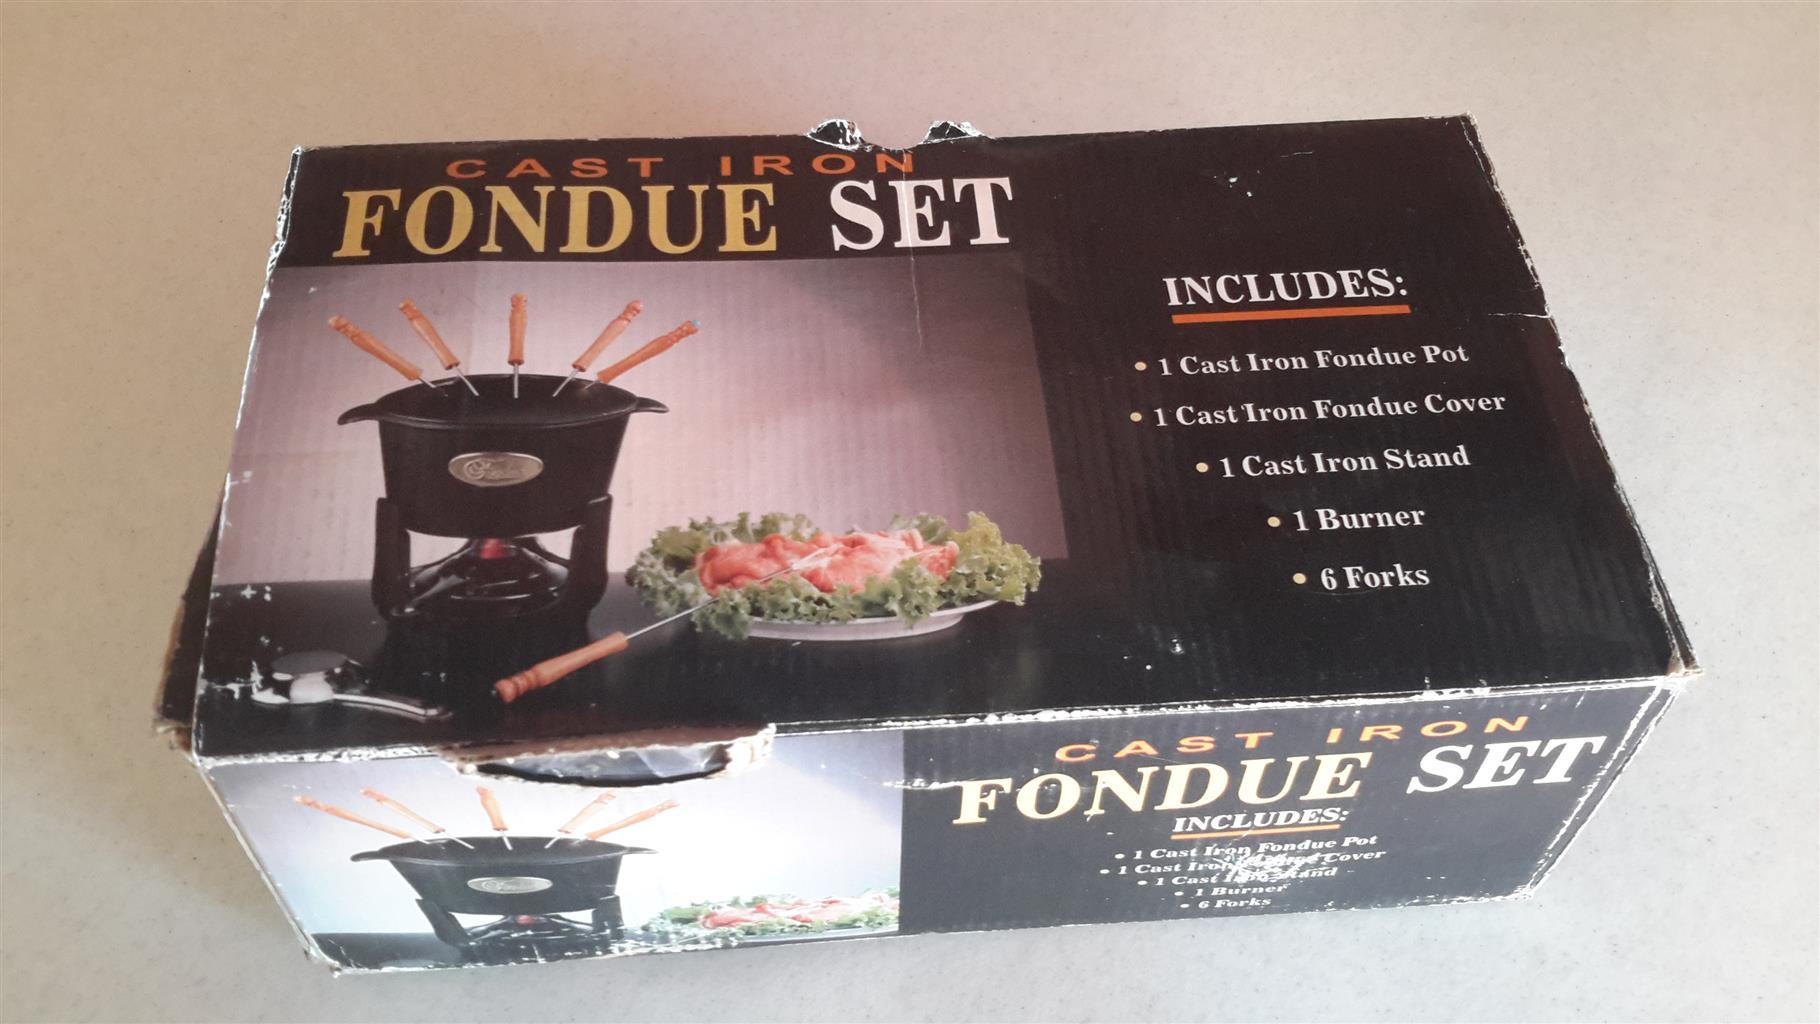 FONDUE POTS - Electric Chocolate fondue and traditional Cast iron Fondue pot